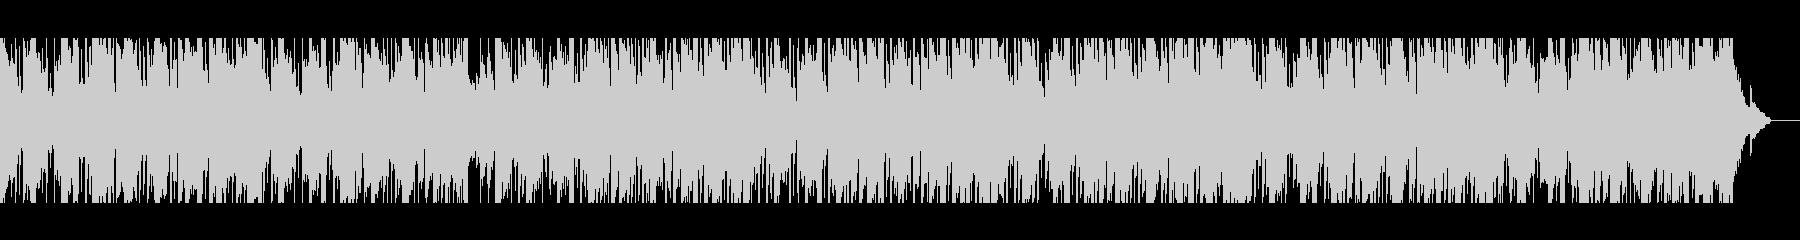 【短いVer6】80年代風洋楽バラードの未再生の波形